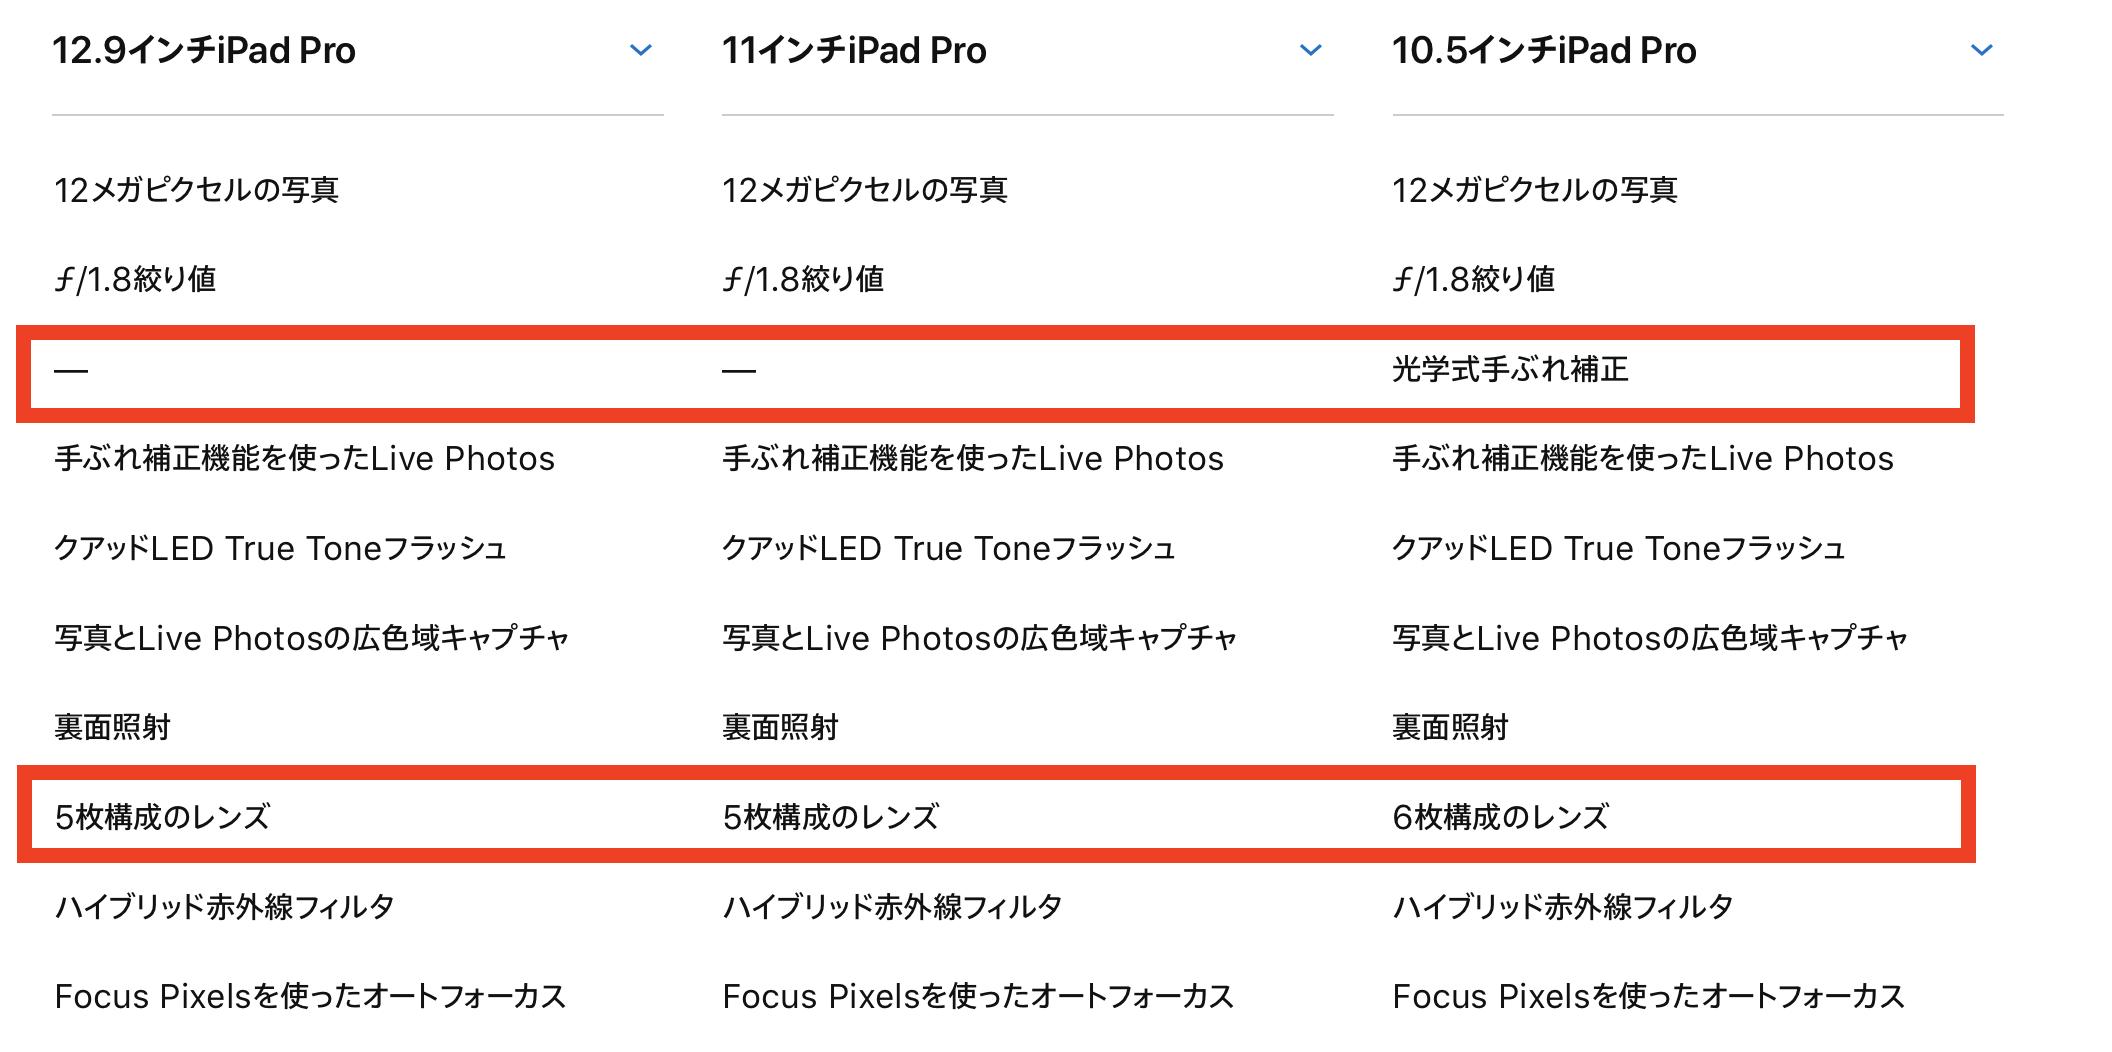 iPad Pro第3世代はカメラが退化